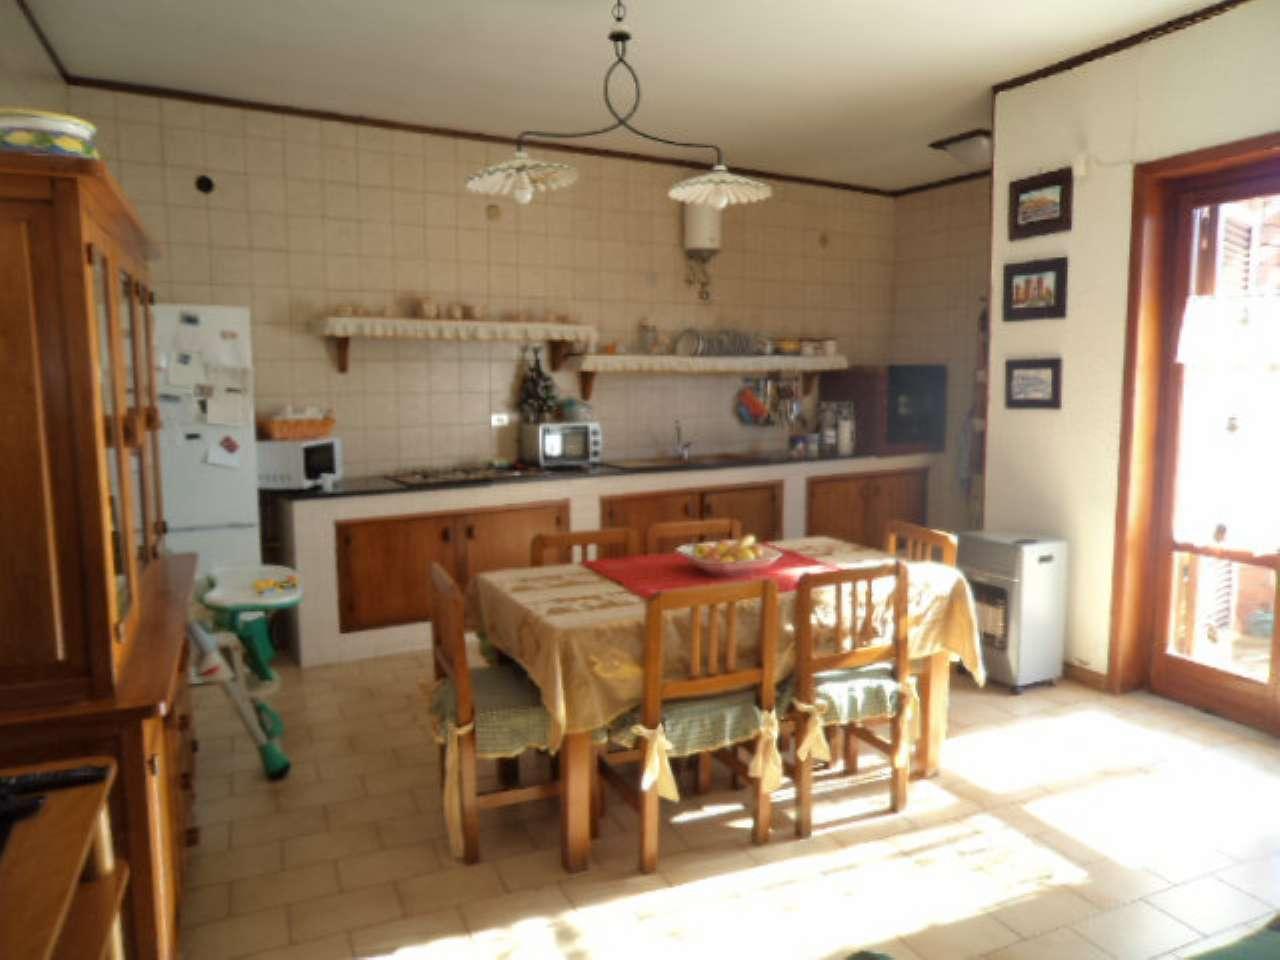 Soluzione Indipendente in vendita a Giugliano in Campania, 6 locali, prezzo € 345.000   Cambio Casa.it